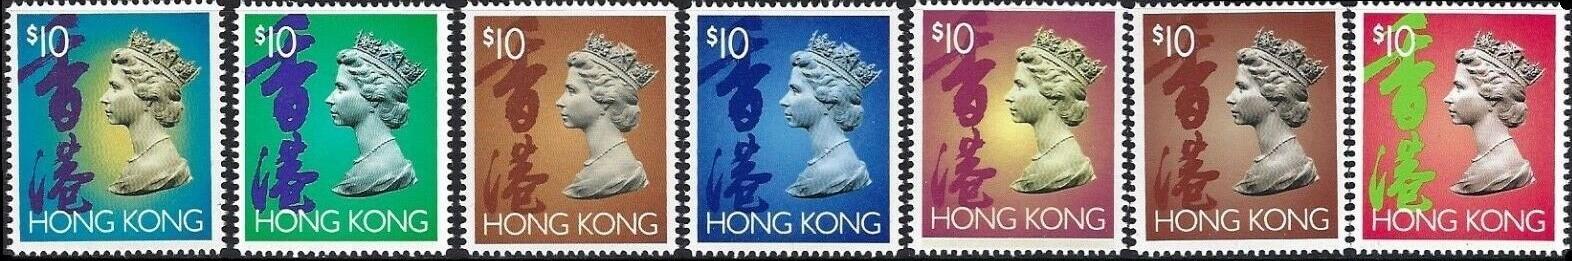 Hong Kong, veľký formát